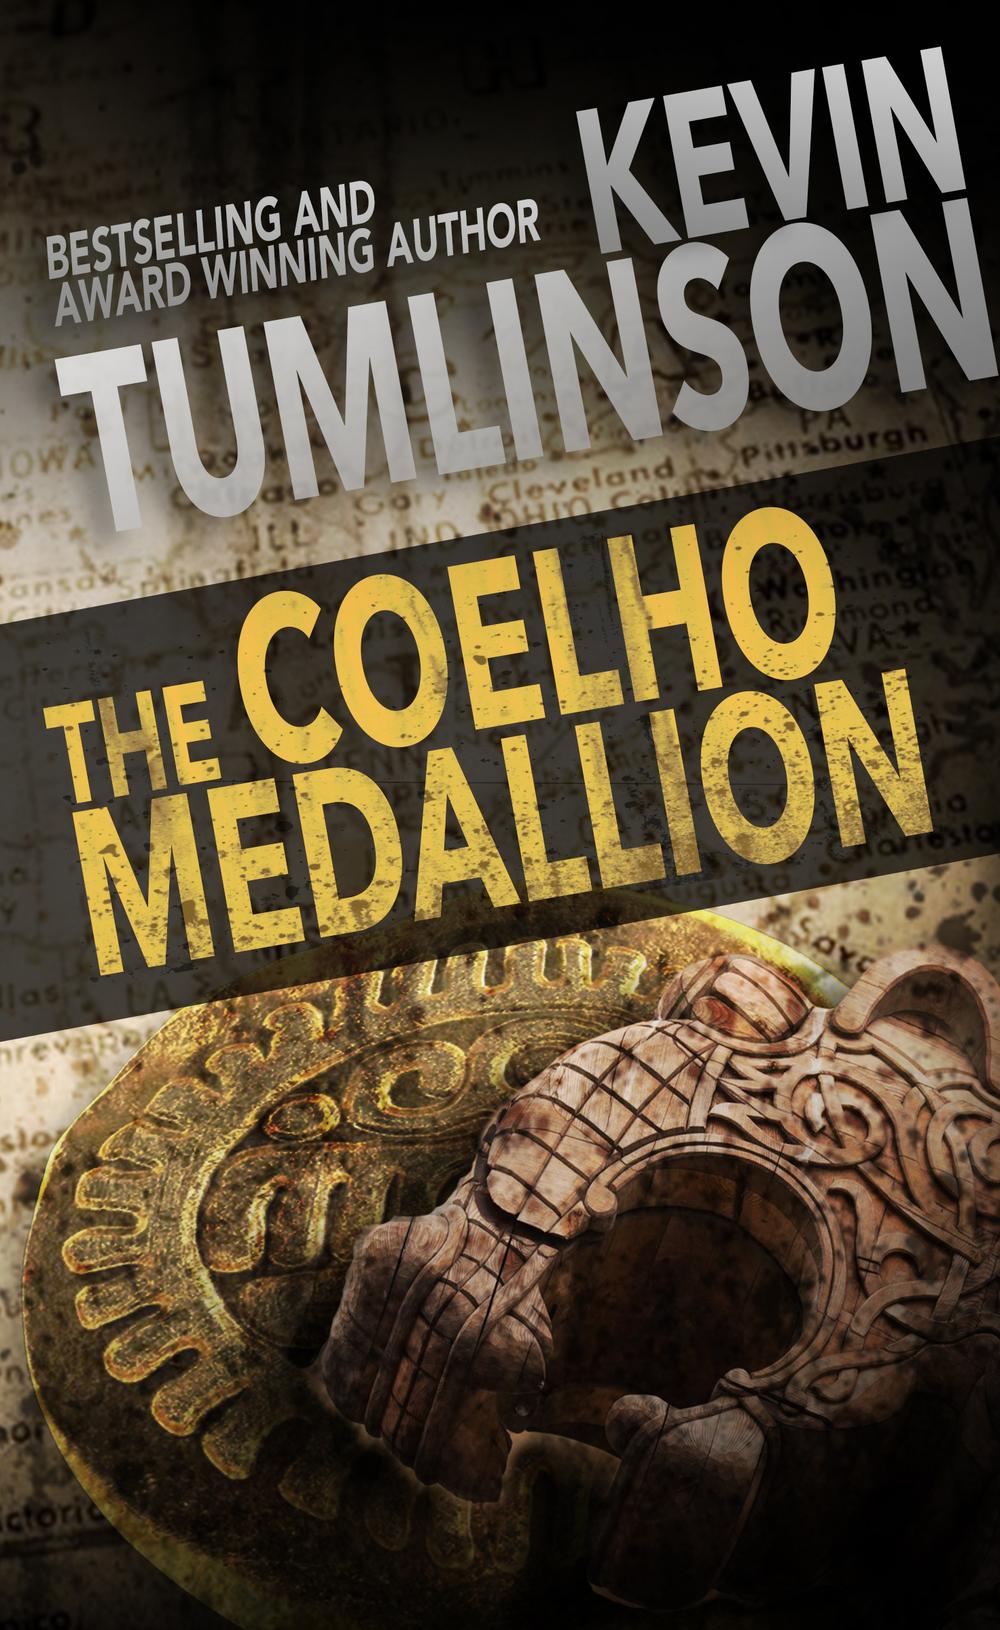 coelho-medallion_kevin-tumlinson